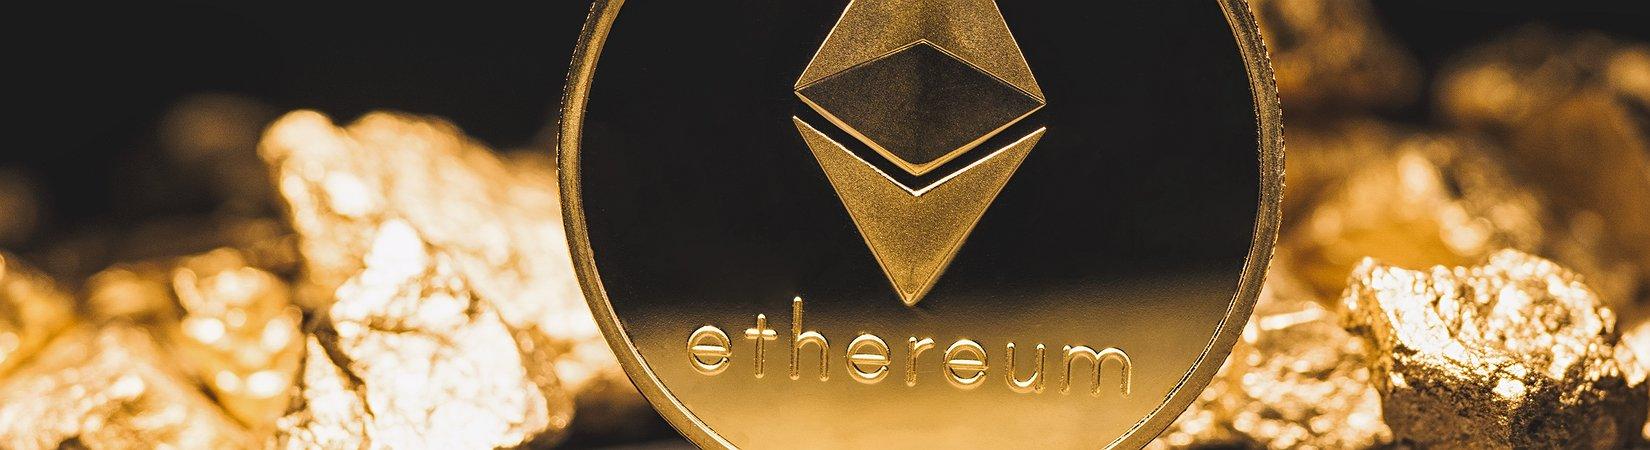 ¿A qué se debe el rápido crecimiento del ethereum?